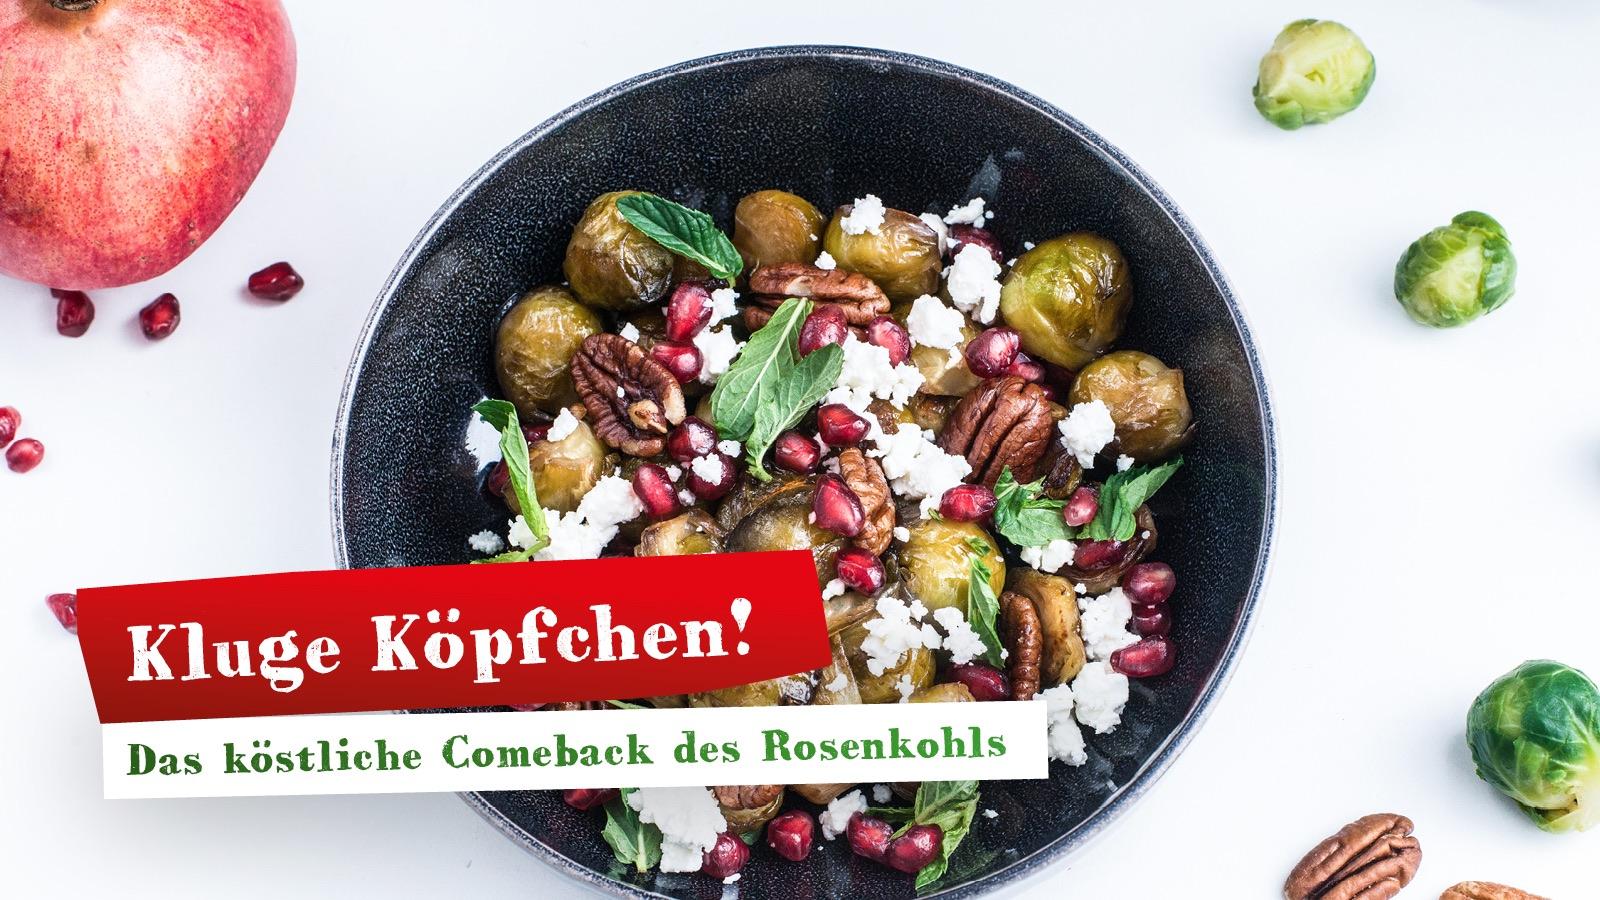 Deutsches Obst und Gemüse | Deutschland - Mein Garten.